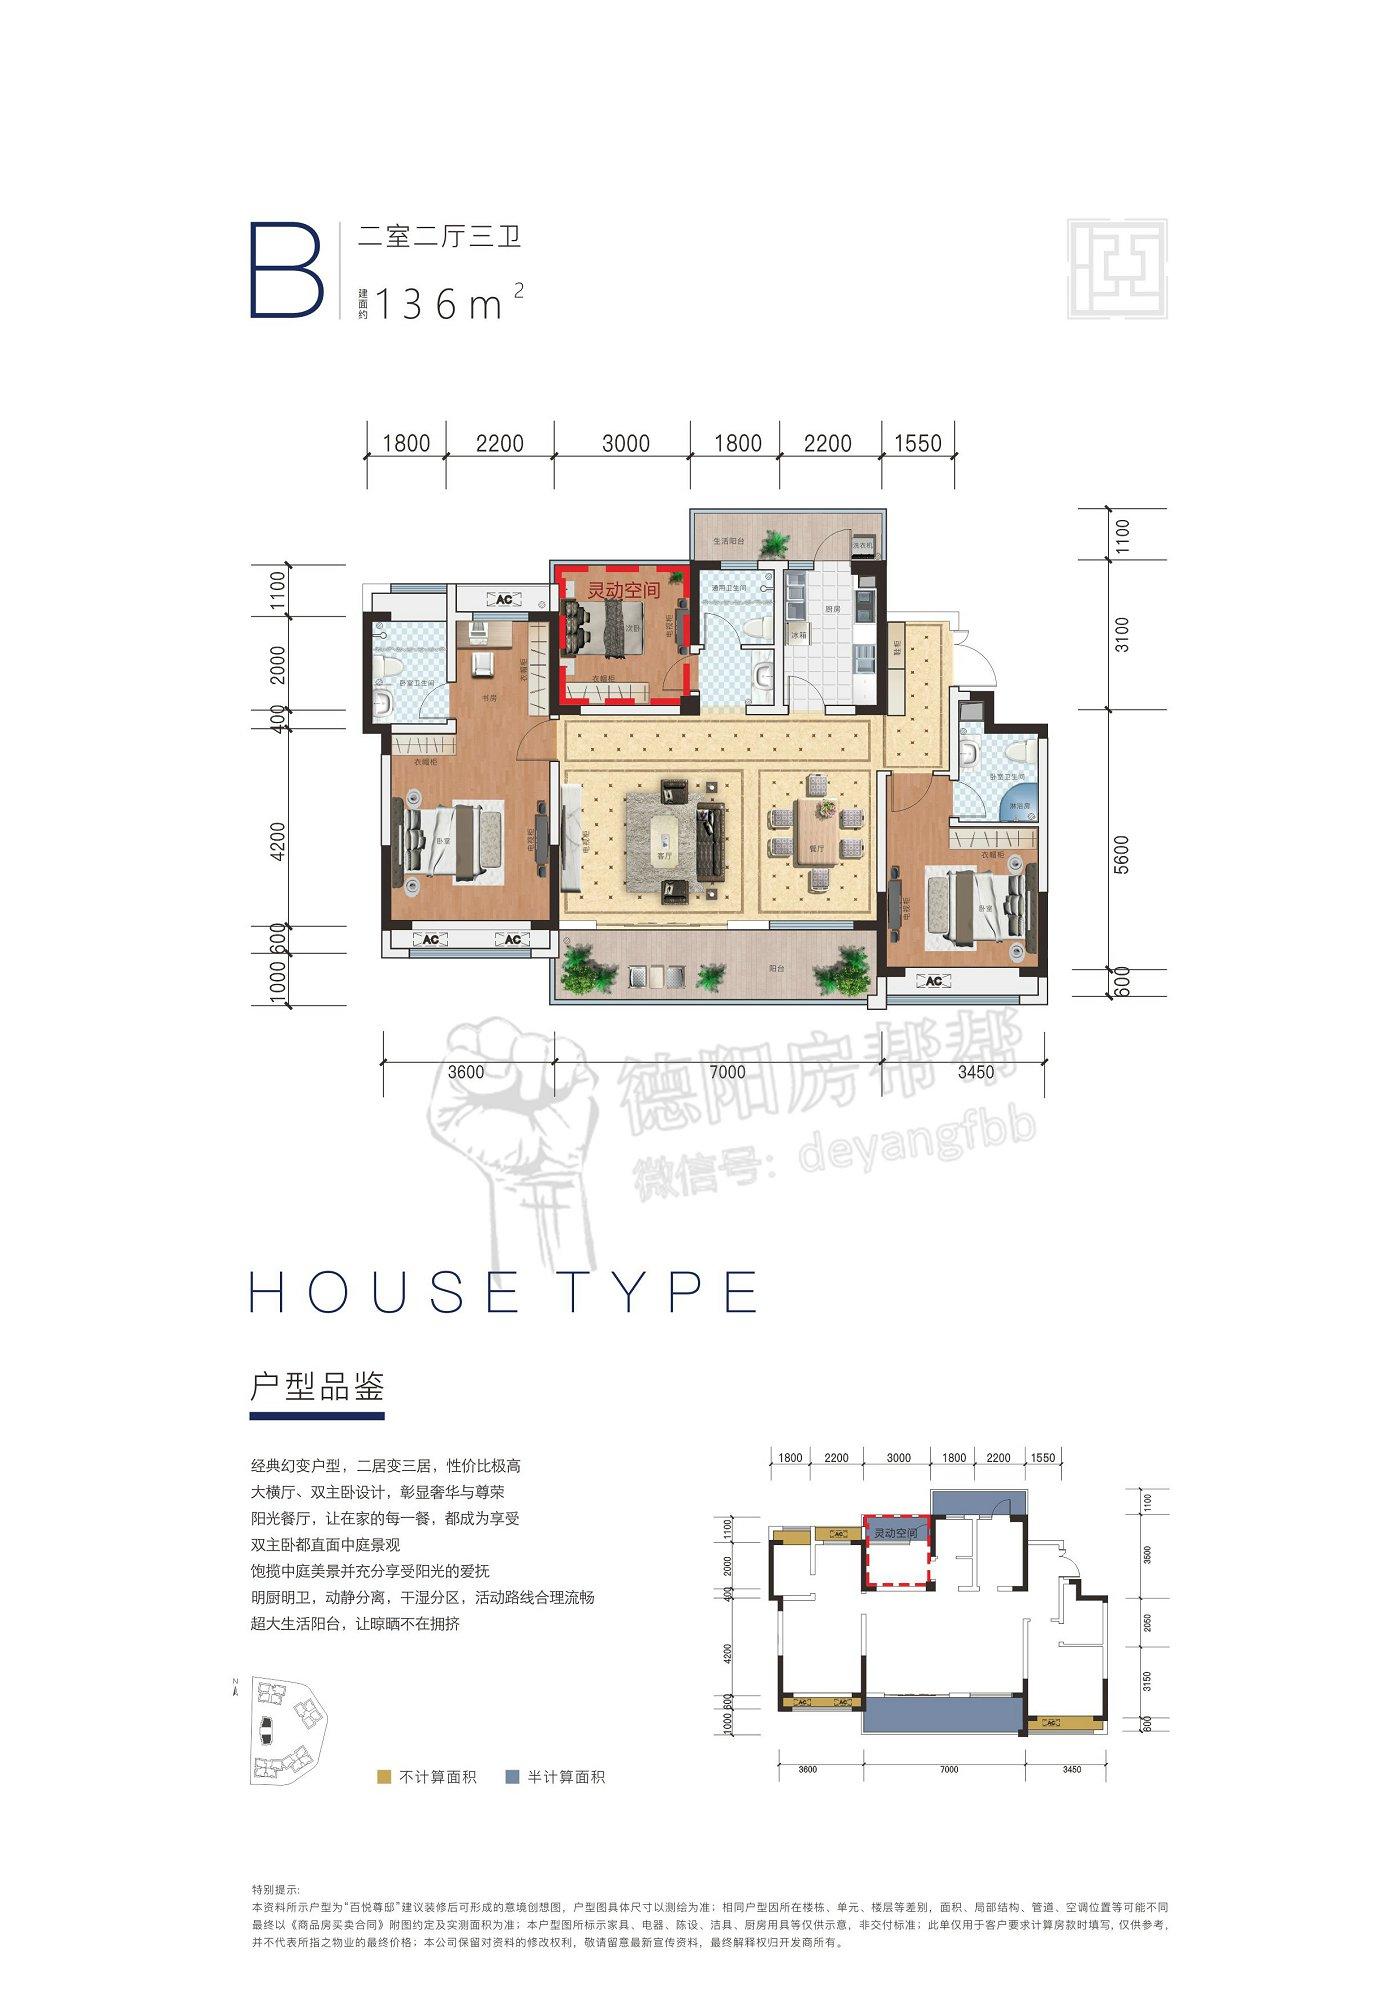 B 建面约136平方米 二室二厅三卫.jpg